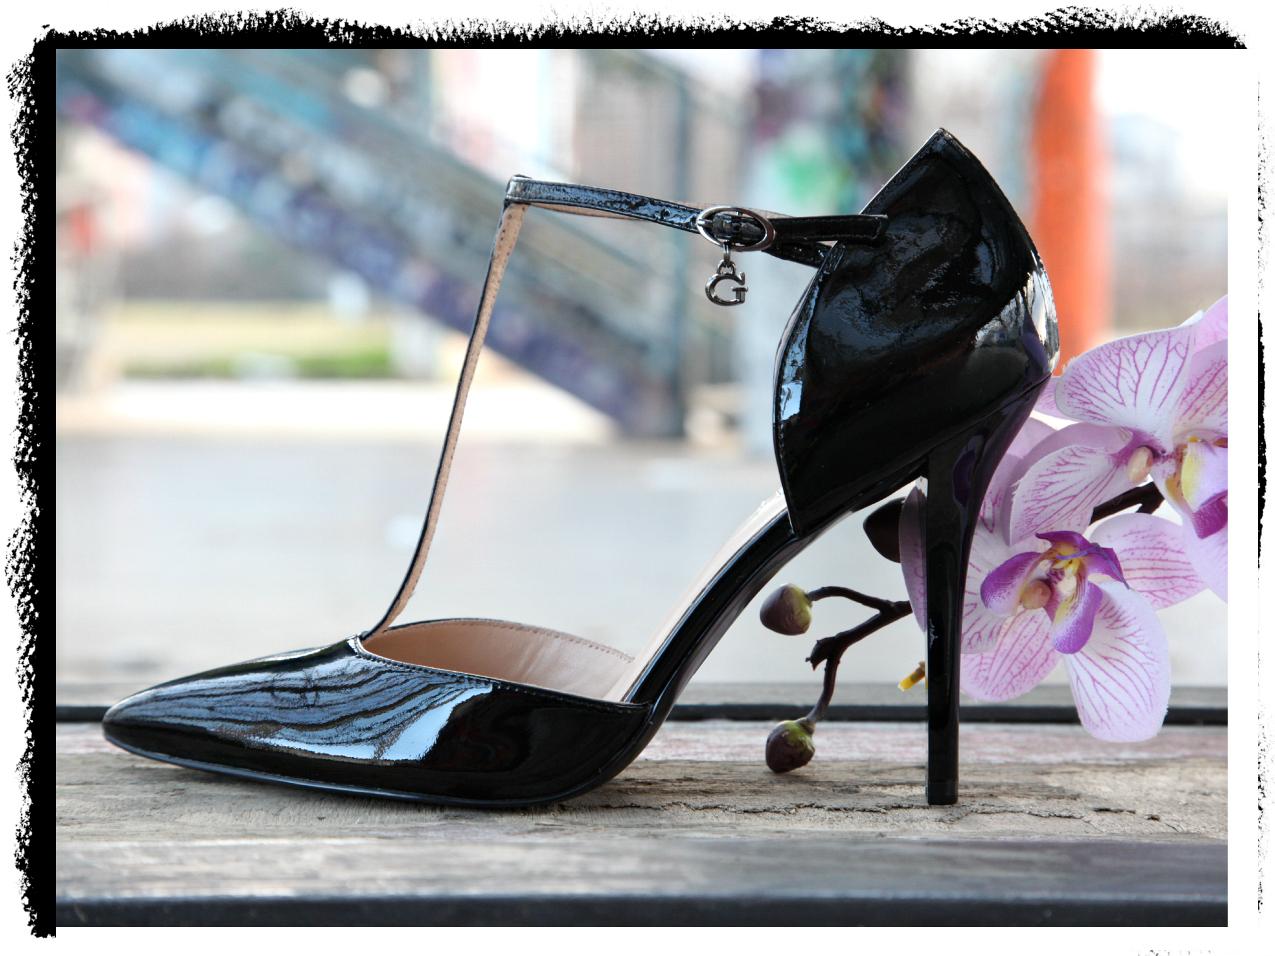 Bianco e nero, gioielli e la magia del sabato, alessia milanese, thechilicool, fashion blog, fashion blogger, athena gioielli , billabong activewear